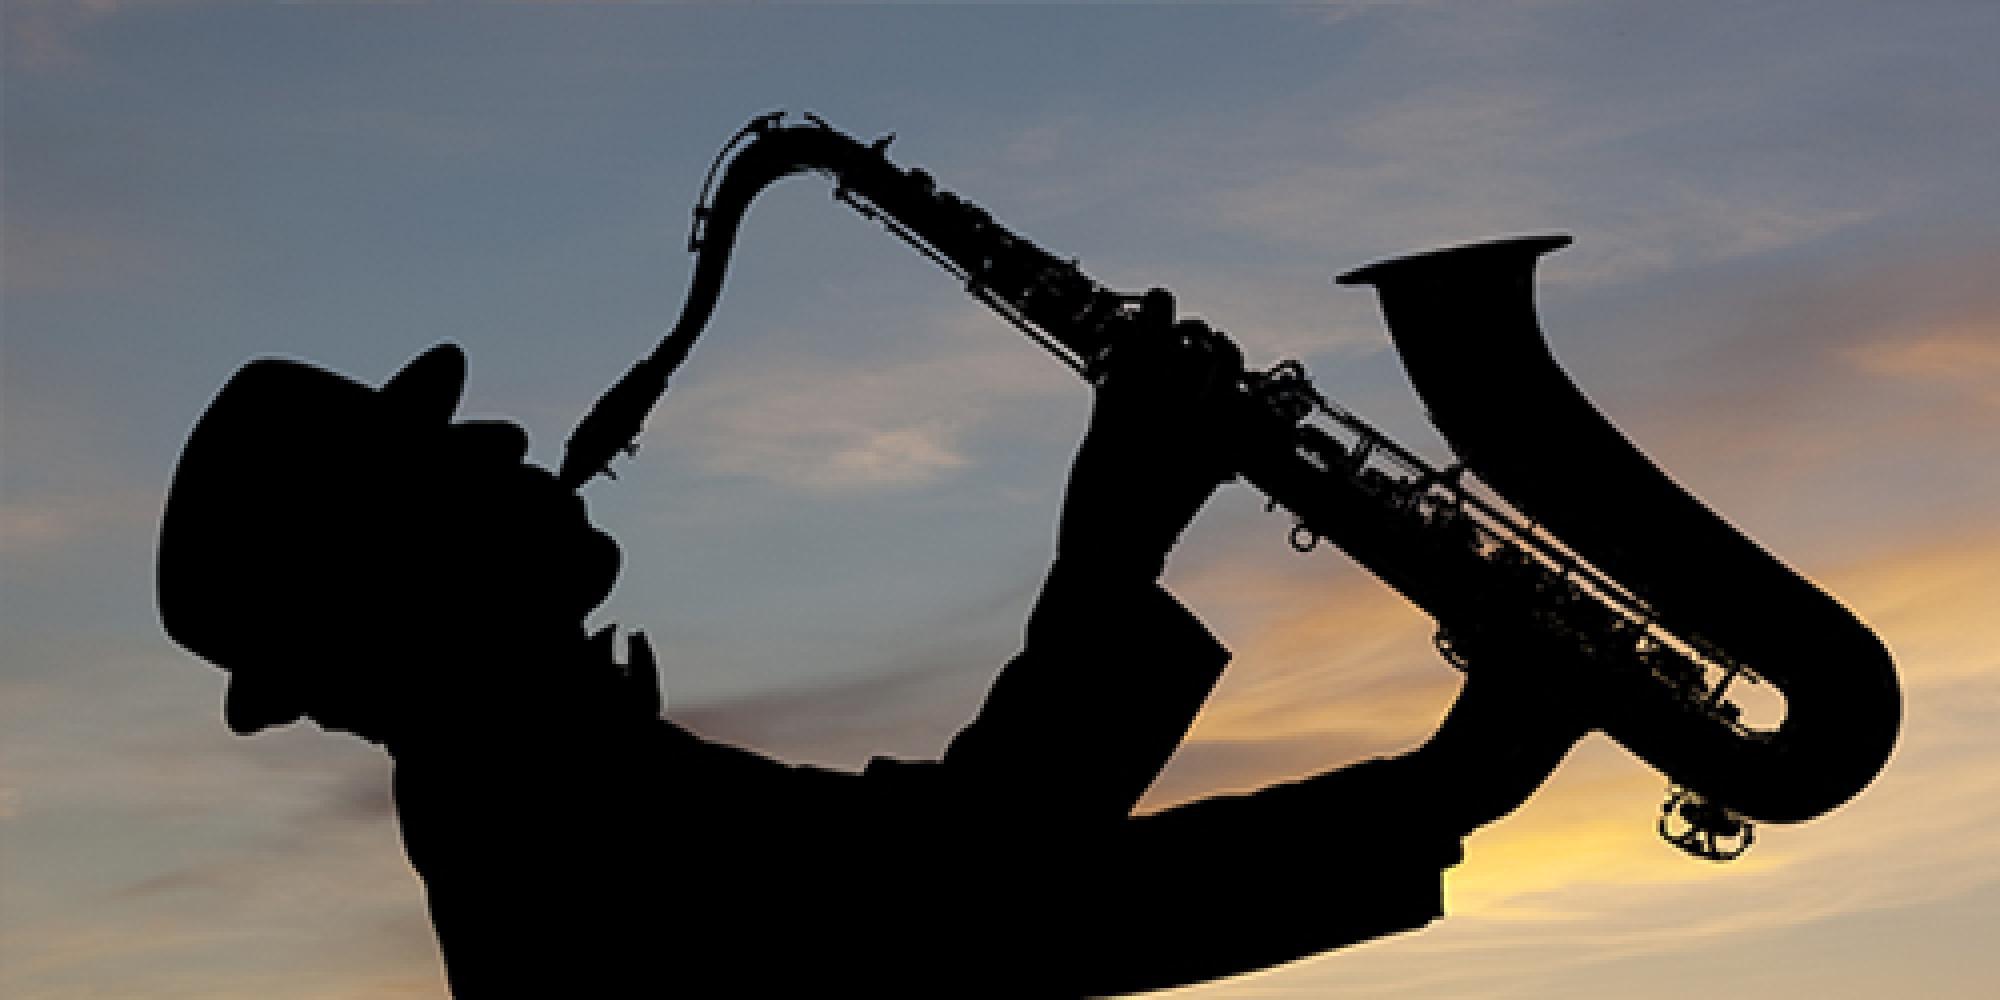 Matkailuopas Matkamies - Matkamies | Pori Jazz